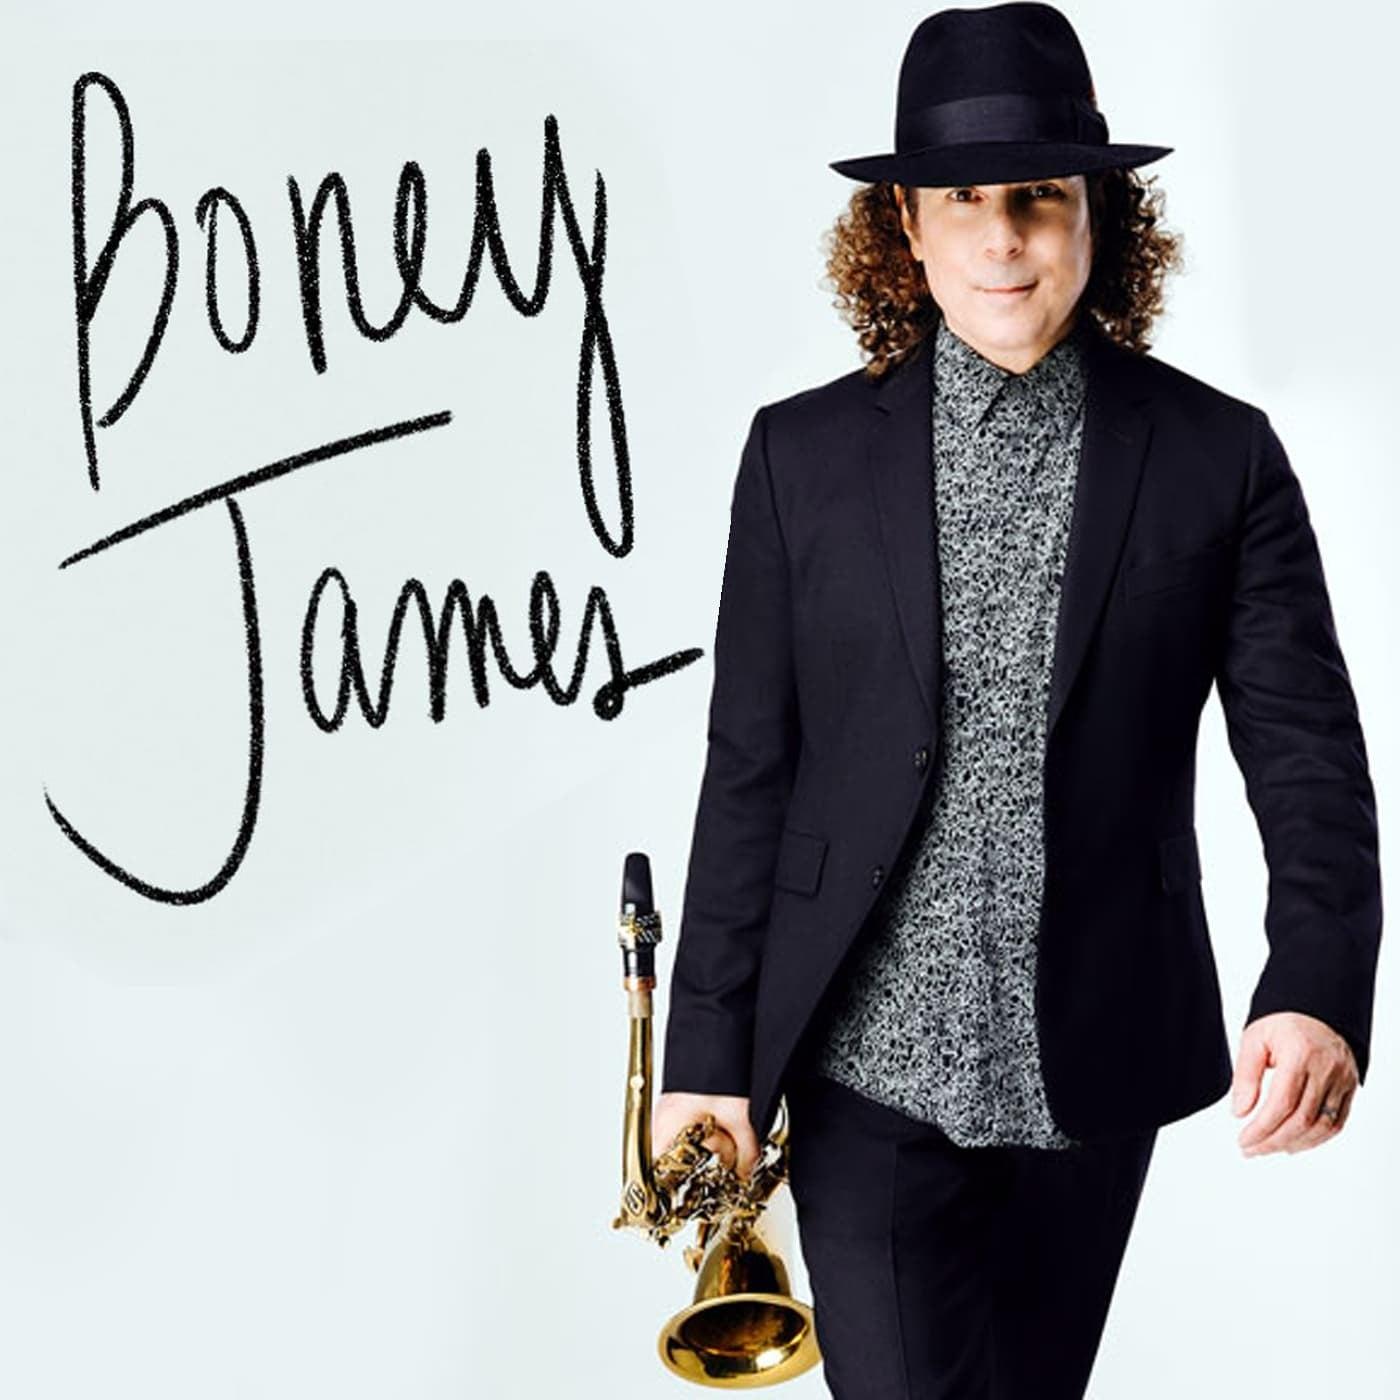 Boney James: The Honestly Tour Spring 2019